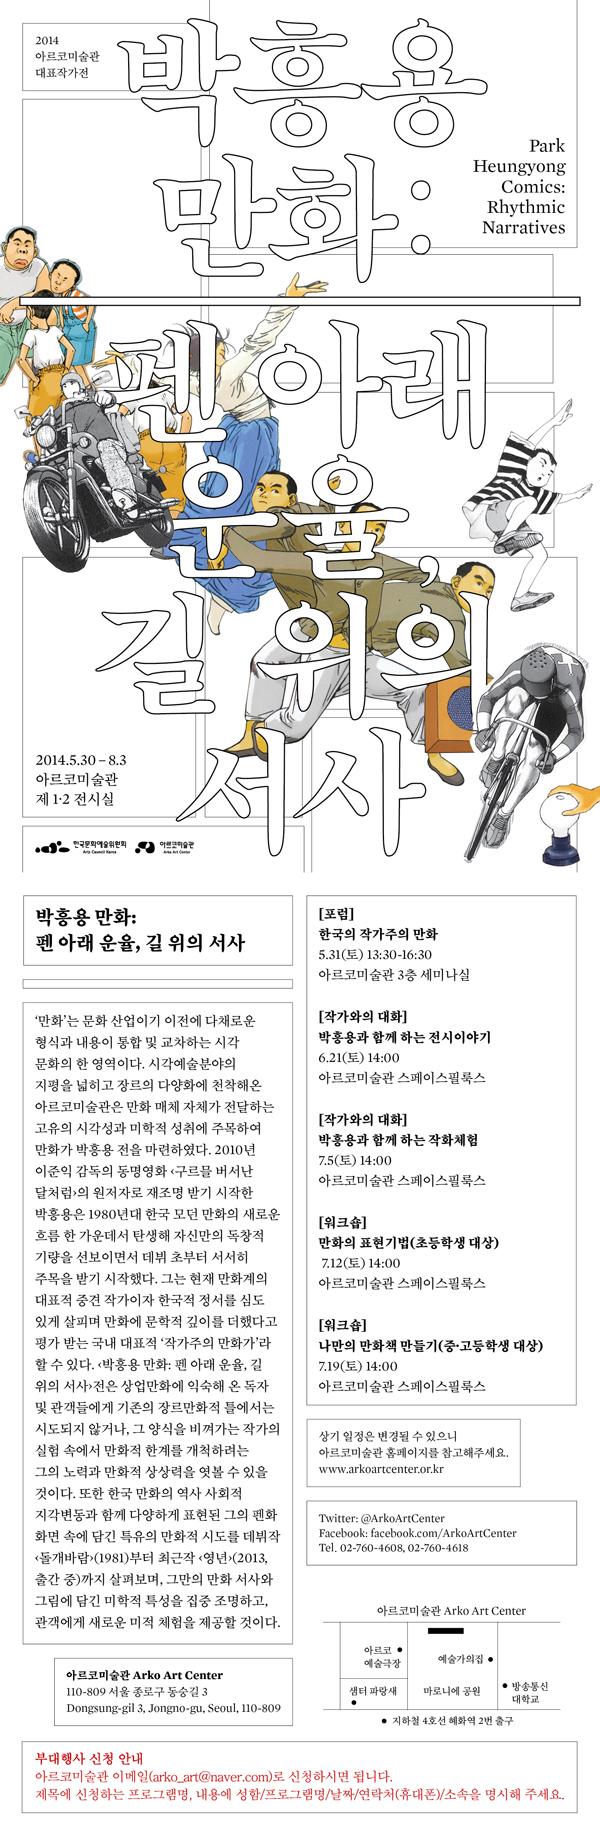 박흥용만화전_웹전단600.jpg